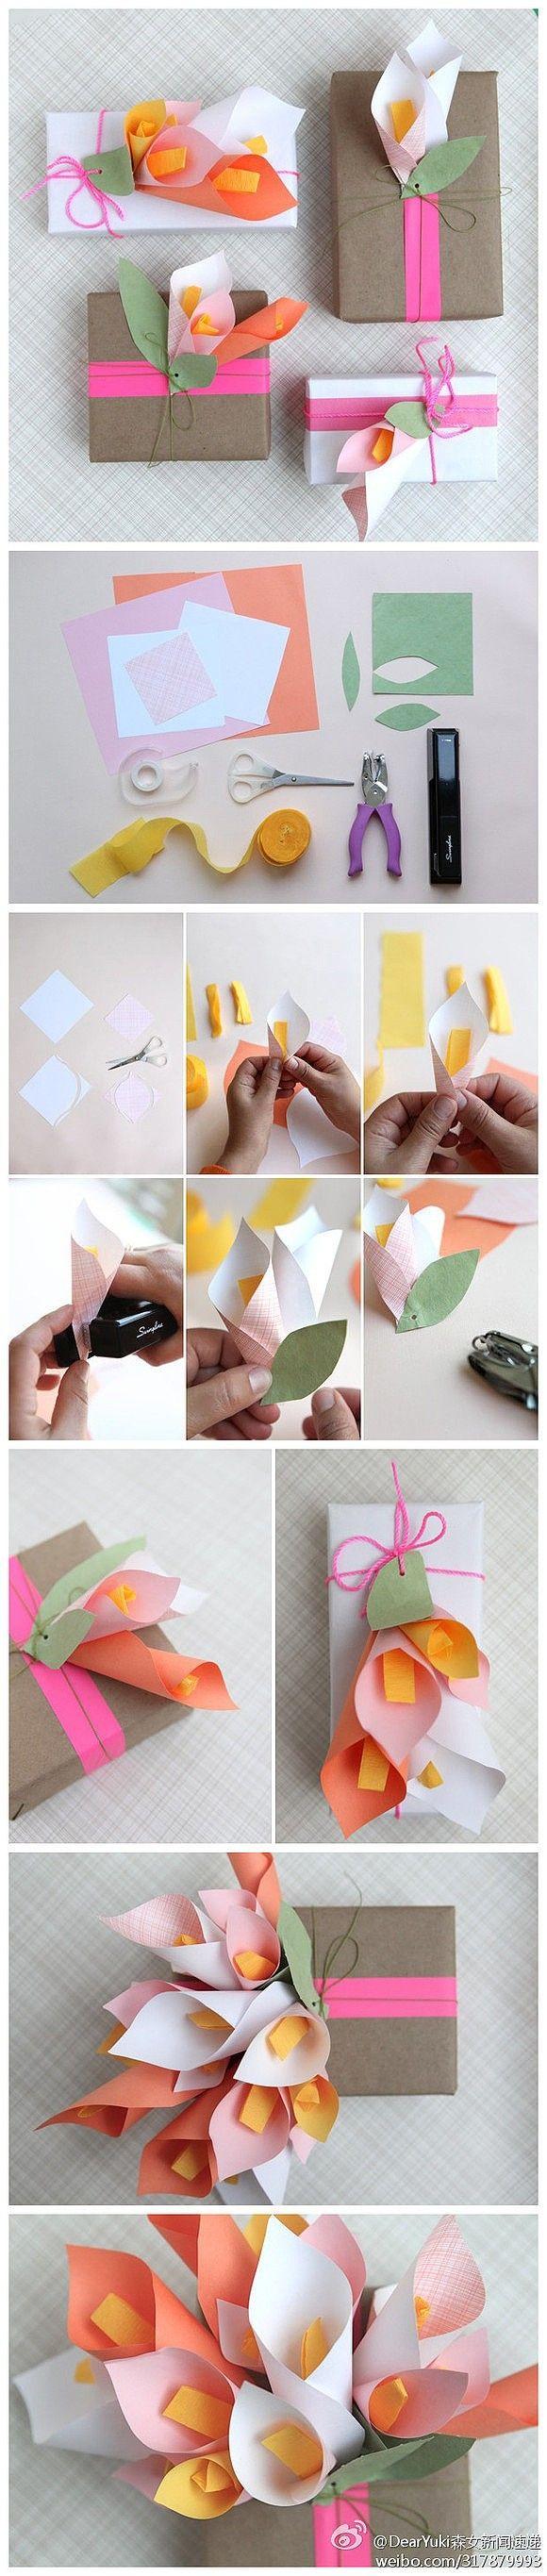 Decoración de cajas con tulipanes de papel -  tulip box decoration